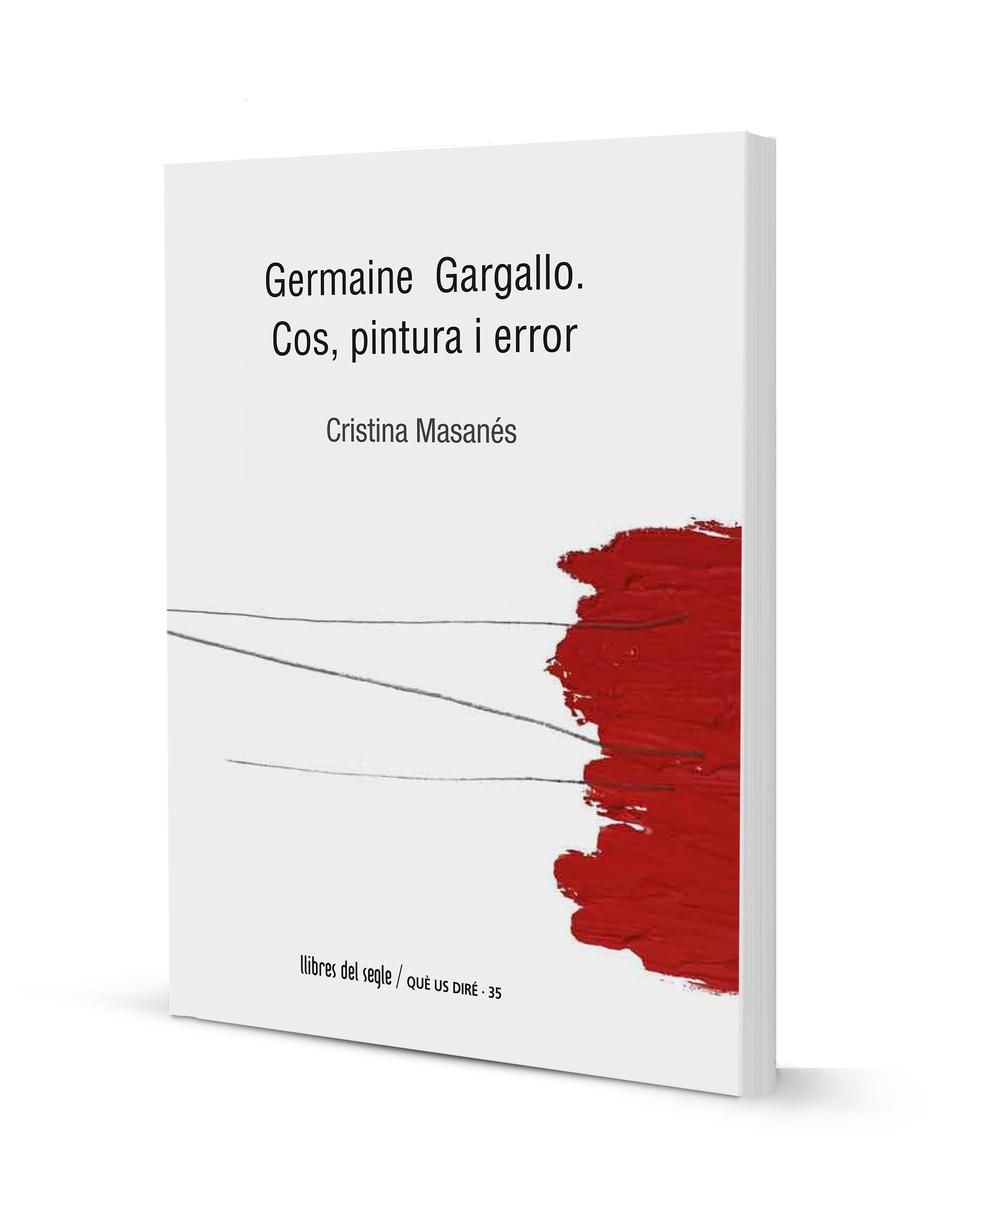 Germaine Gargallo-Portada.jpg